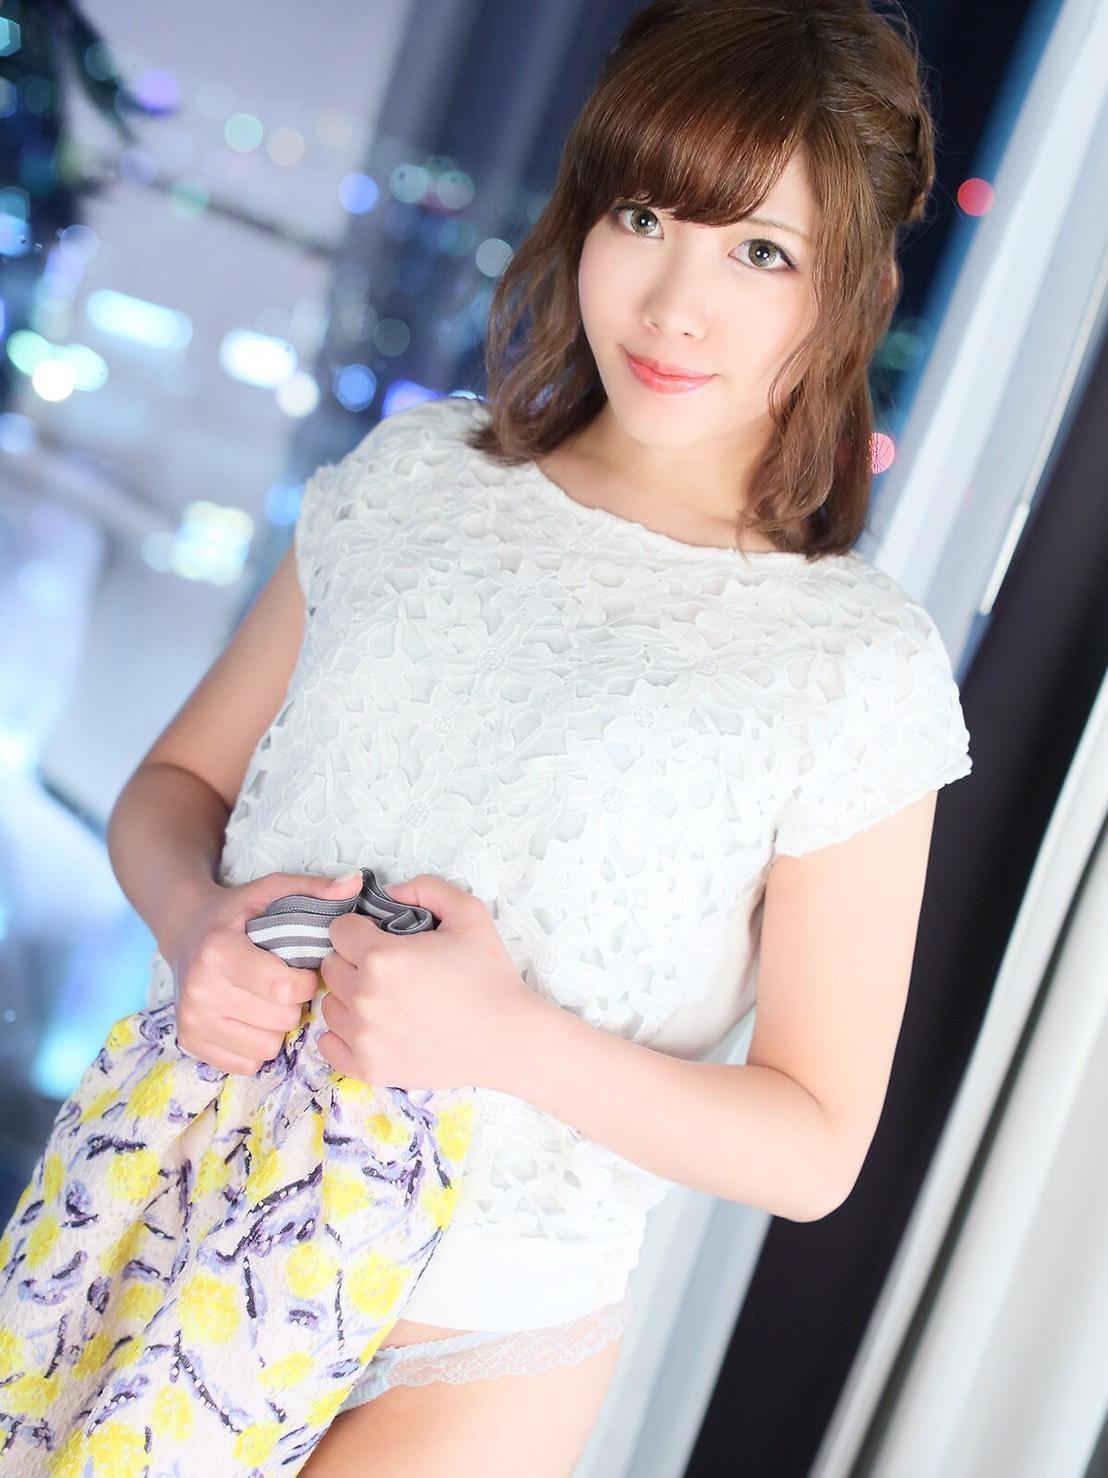 「0℃のS様へ★」05/27(日) 22:58   藤谷みぃあの写メ・風俗動画